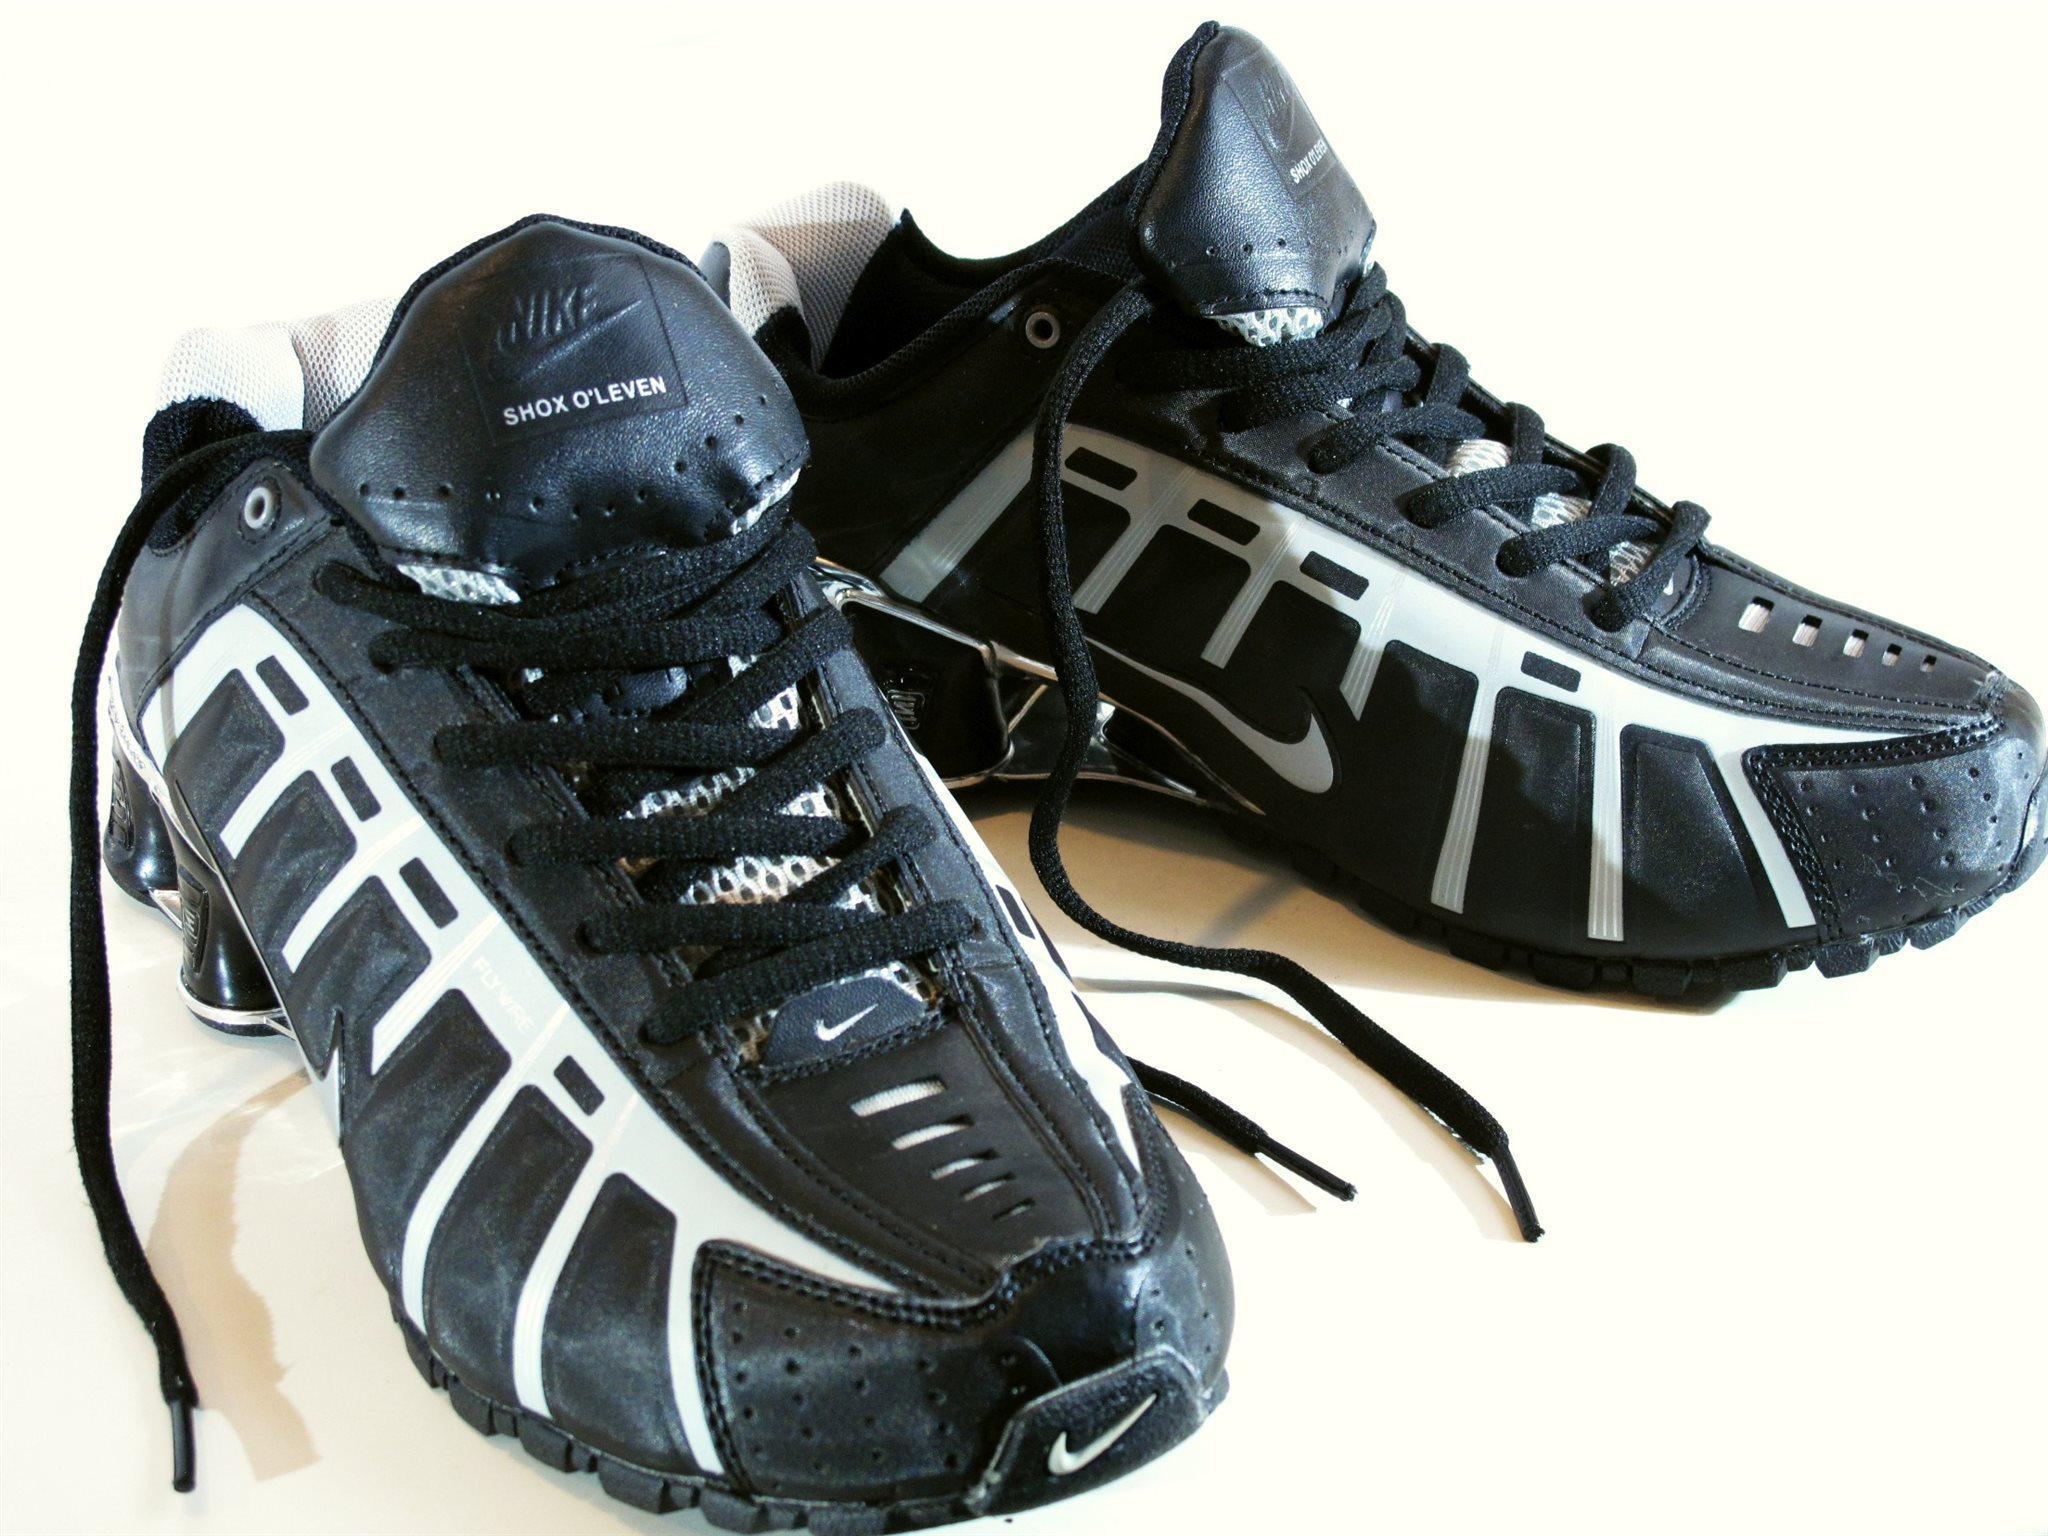 buy online 8a0d8 9d982 NIKE SHOX O LEVEN träningsskor stl 41 joggingskor löparskor skor löpning  träning